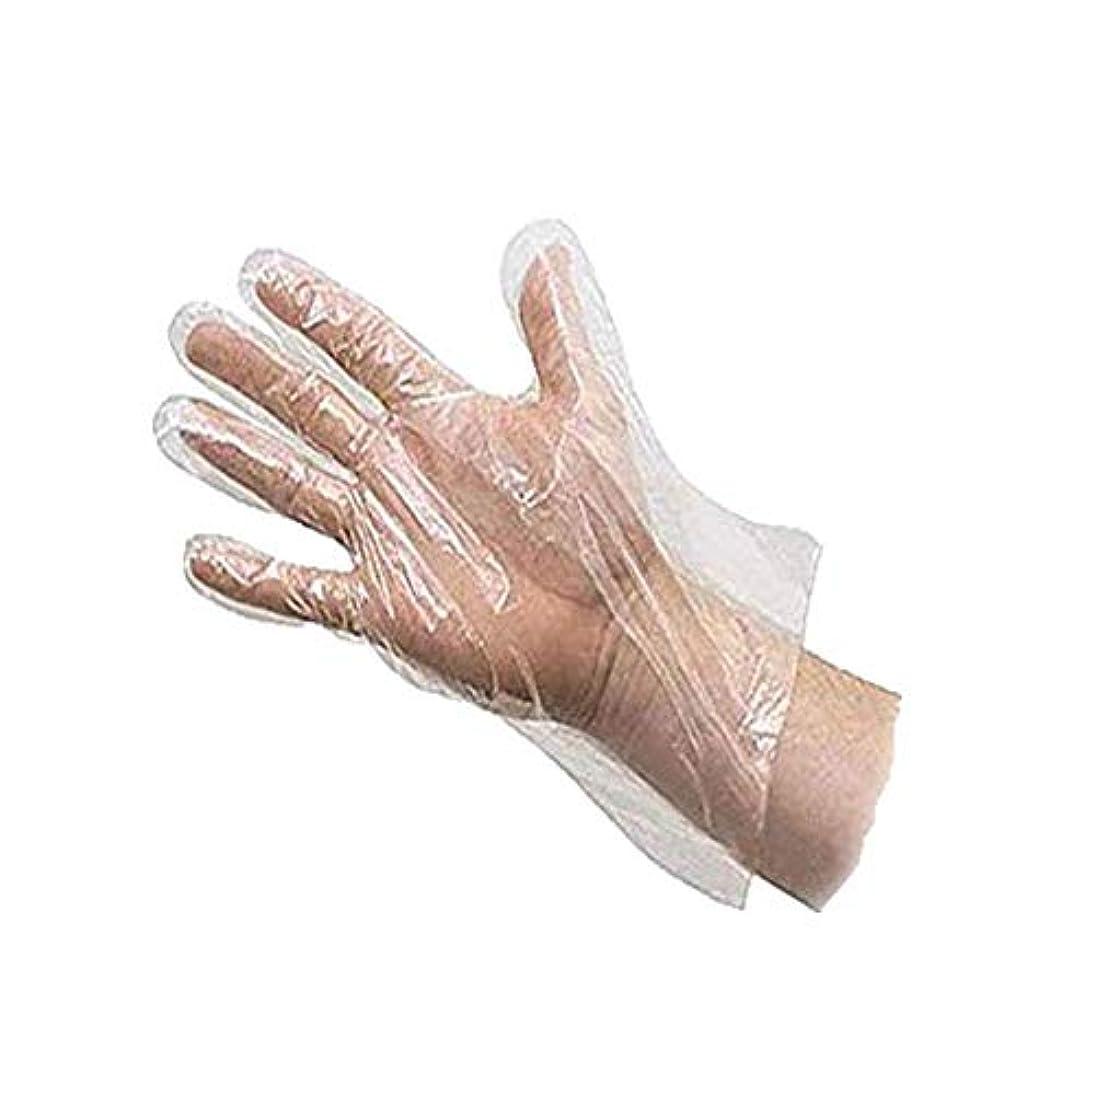 お手入れ外国人配当UCCU プレミアム 使い捨て手袋 調理用 食品 プラスチック ホワイト 粉なし 食品衛生 透明 左右兼用 薄型 ビニール極薄手袋 100枚入り 便利